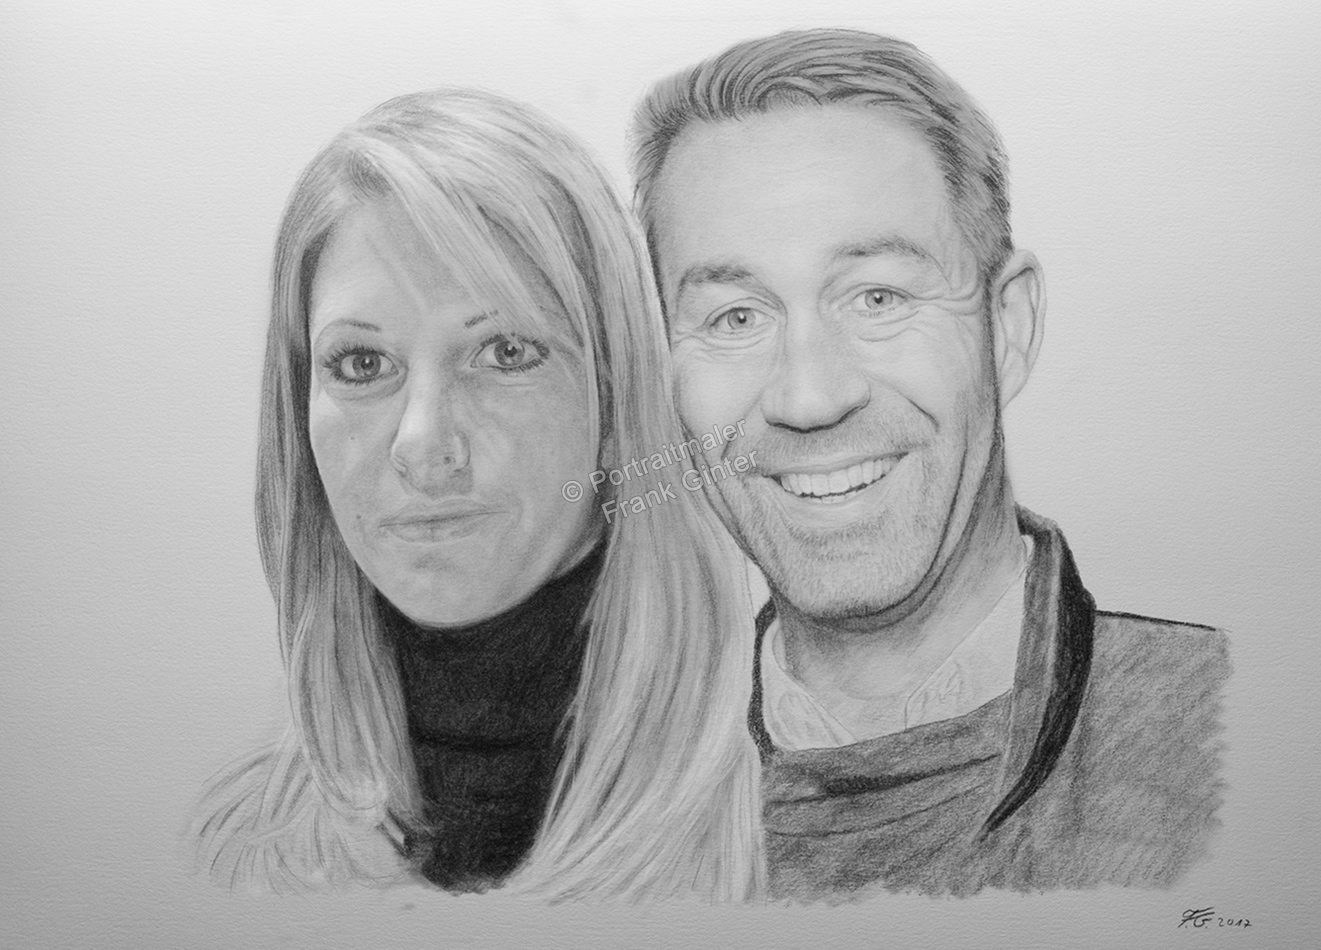 Bleistiftzeichnung, Portraitzeichnung - Mann und Frau, Bleistiftzeichnungen, Bleistift Portraits, Portraitzeichnungen